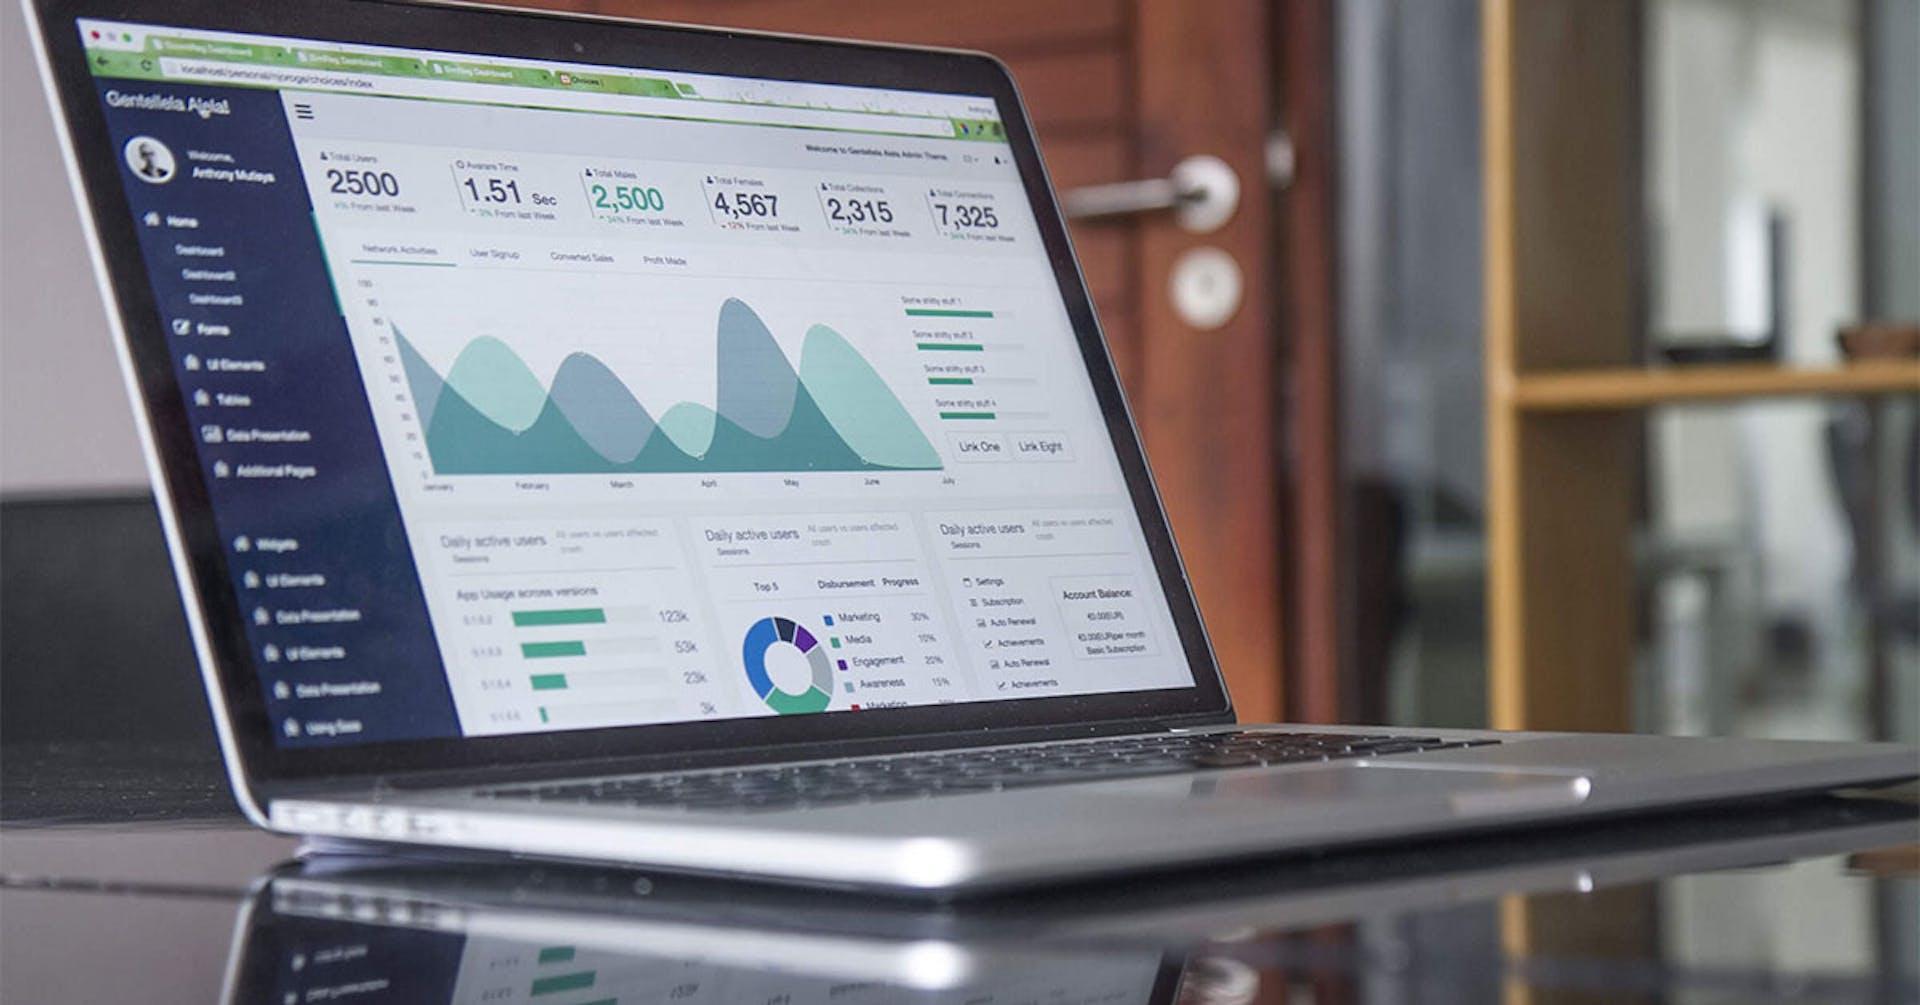 ¿Qué es Small Data? 5 diferencias fundamentales al compararlo con Big Data